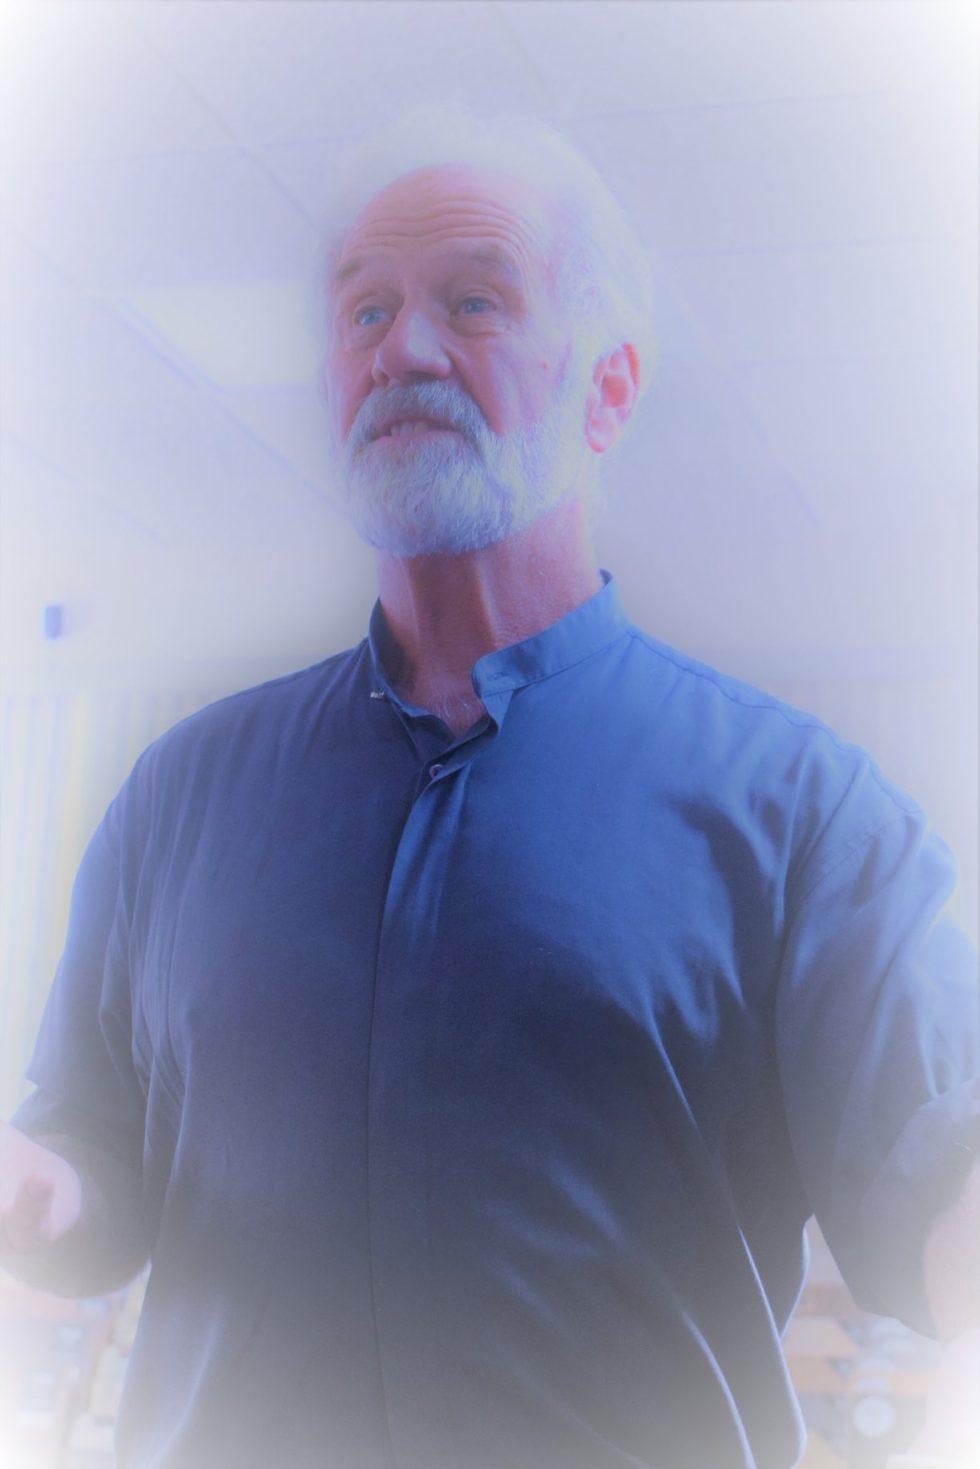 Paul Wade